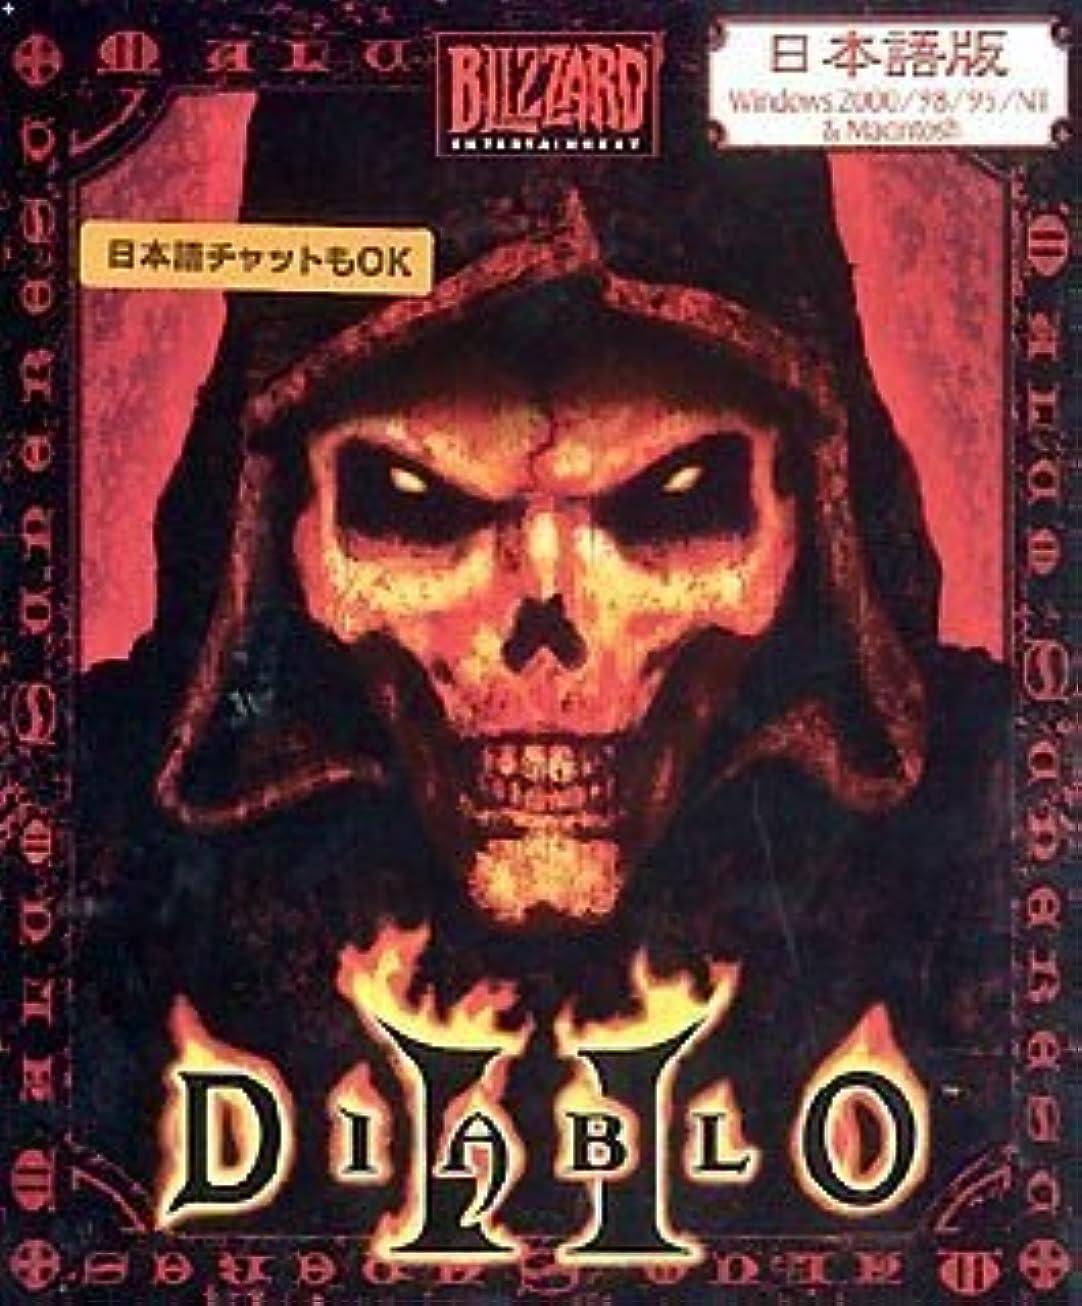 召集する懺悔刺激するDiablo 2 日本語版 Windows2000/98/95/NT & Macintosh